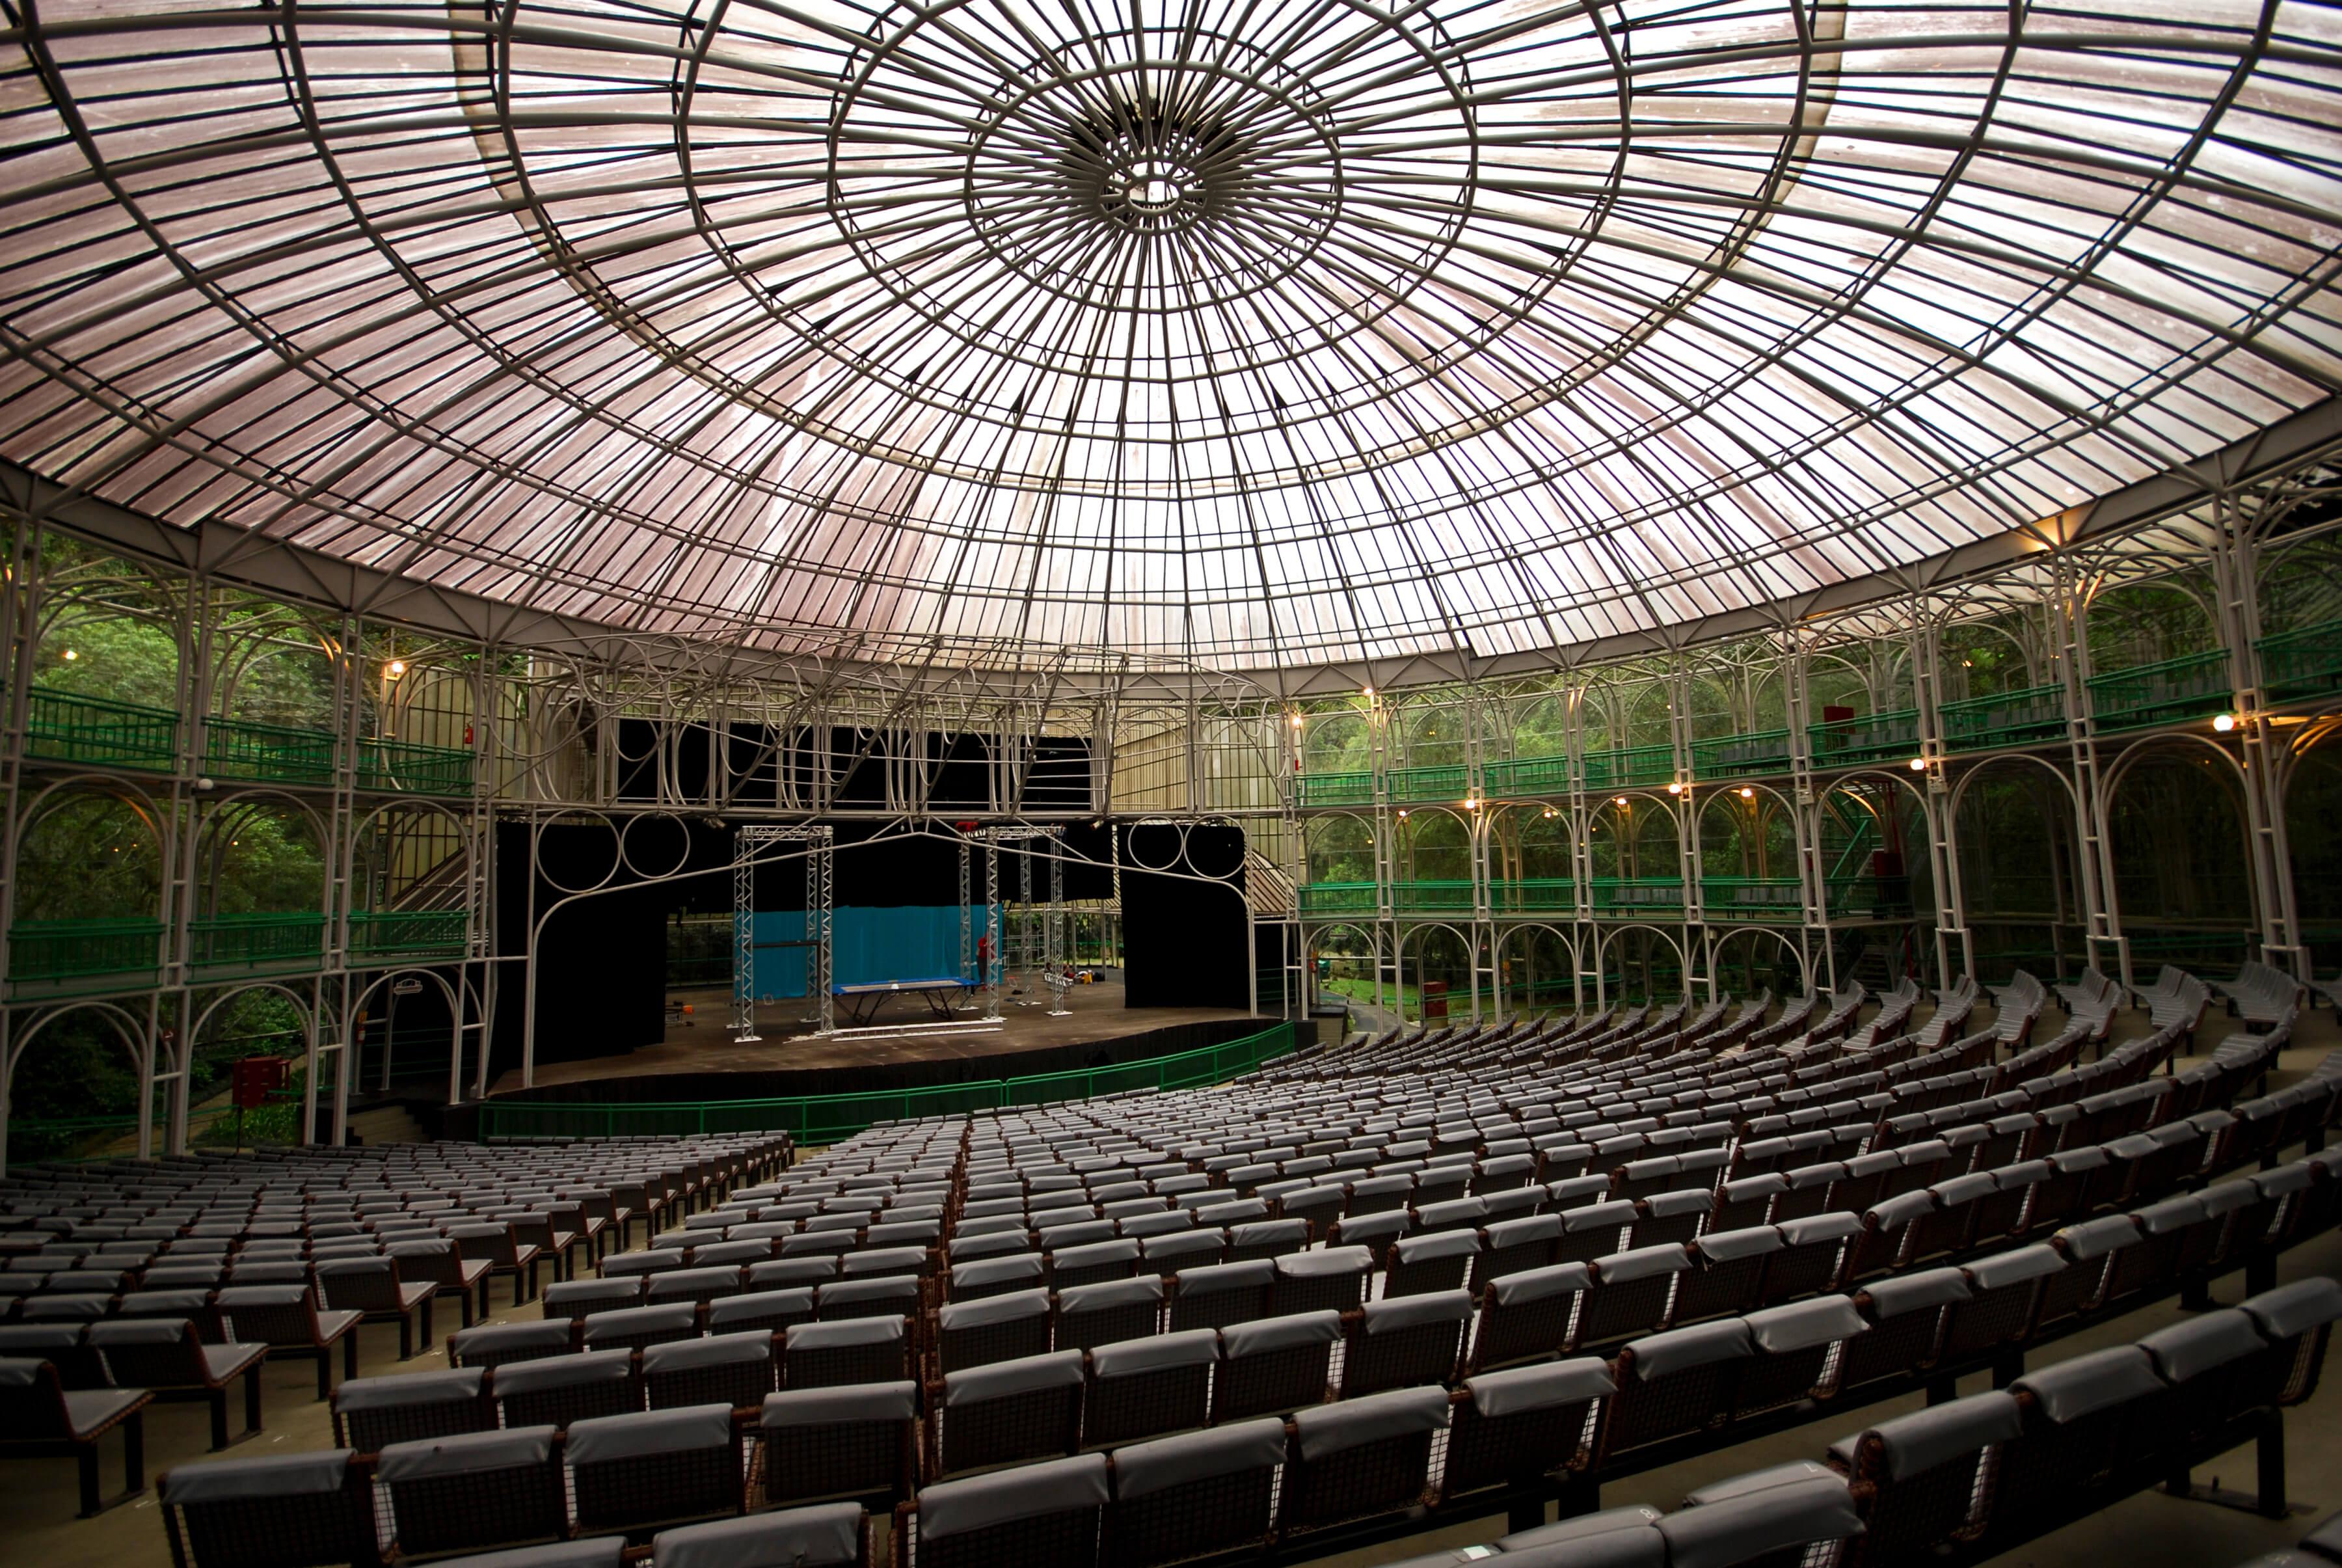 Glas-Opernhaus